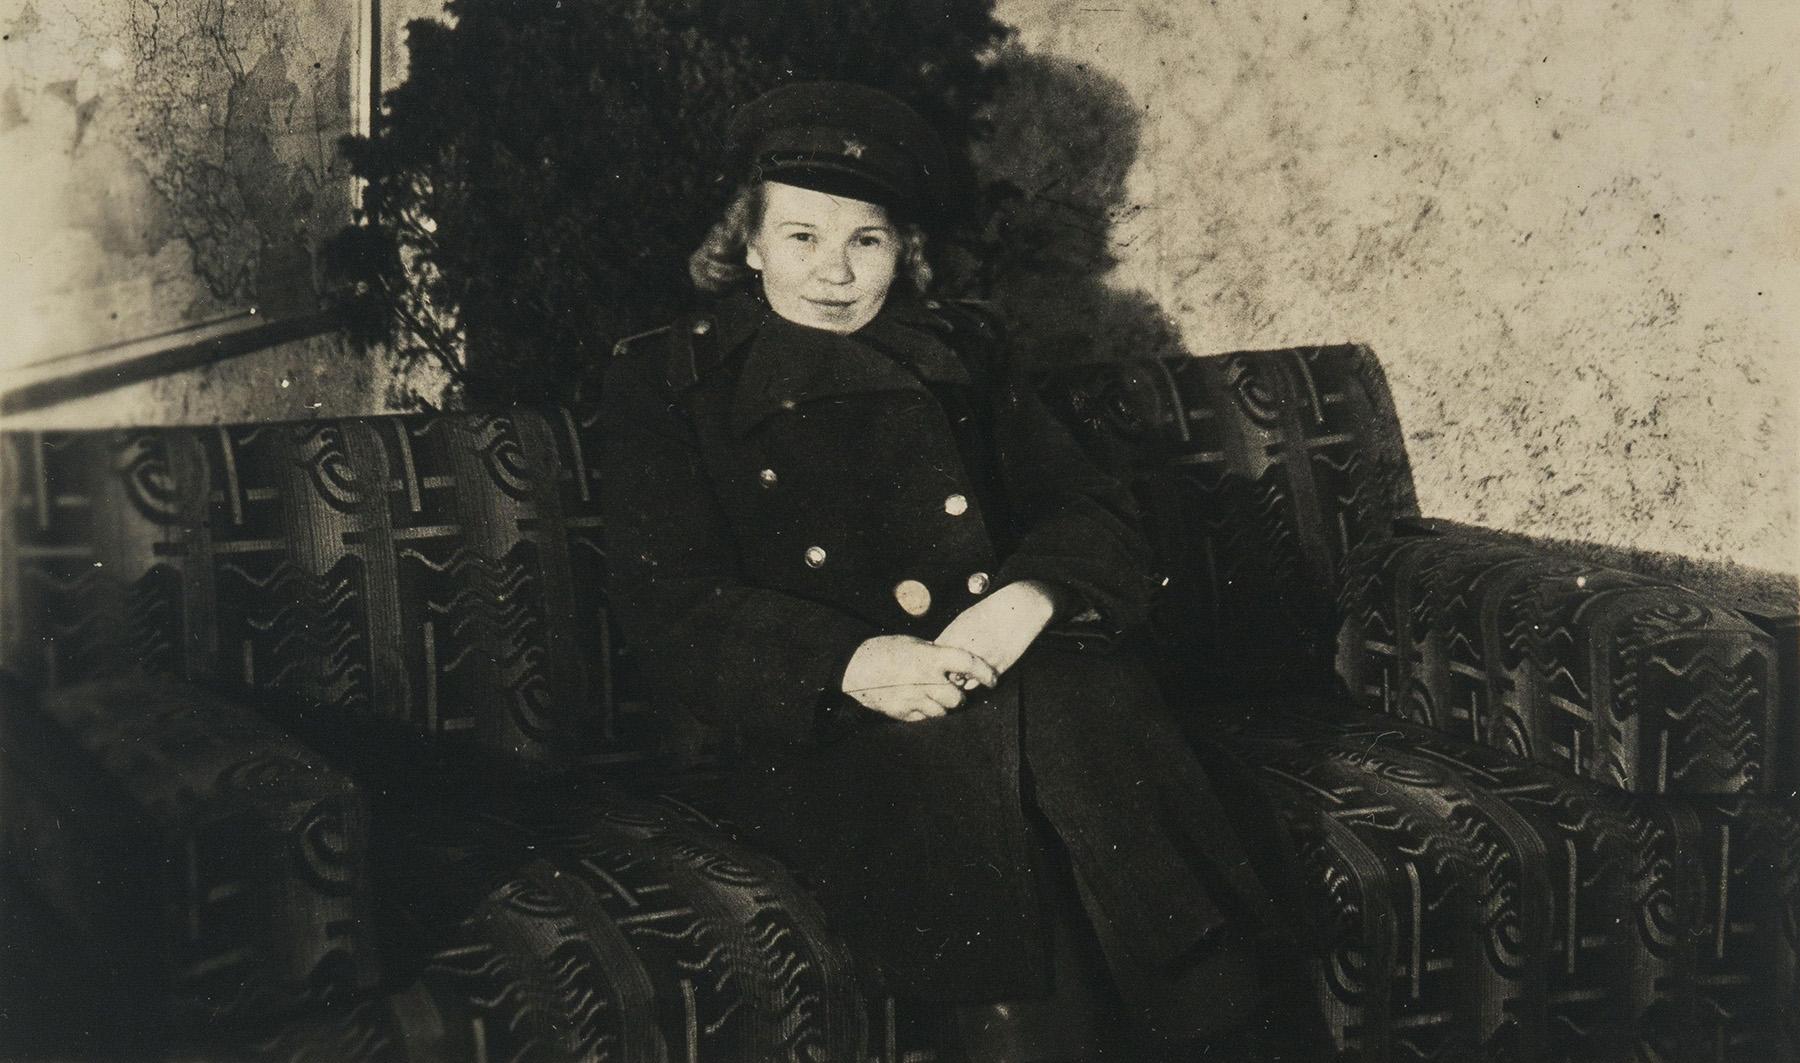 Neuvostoliiton armeijassa palveli arvioiden mukaan jopa miljoona naista. Heistä yksi oli inkerinsuomalainen Salli Ivolgina (o.s. Rikkinen), joka toimi kiväärijoukkojen lääkintäosastossa. SKS KIA, Rikkisen suvun arkisto. CC BY 4.0